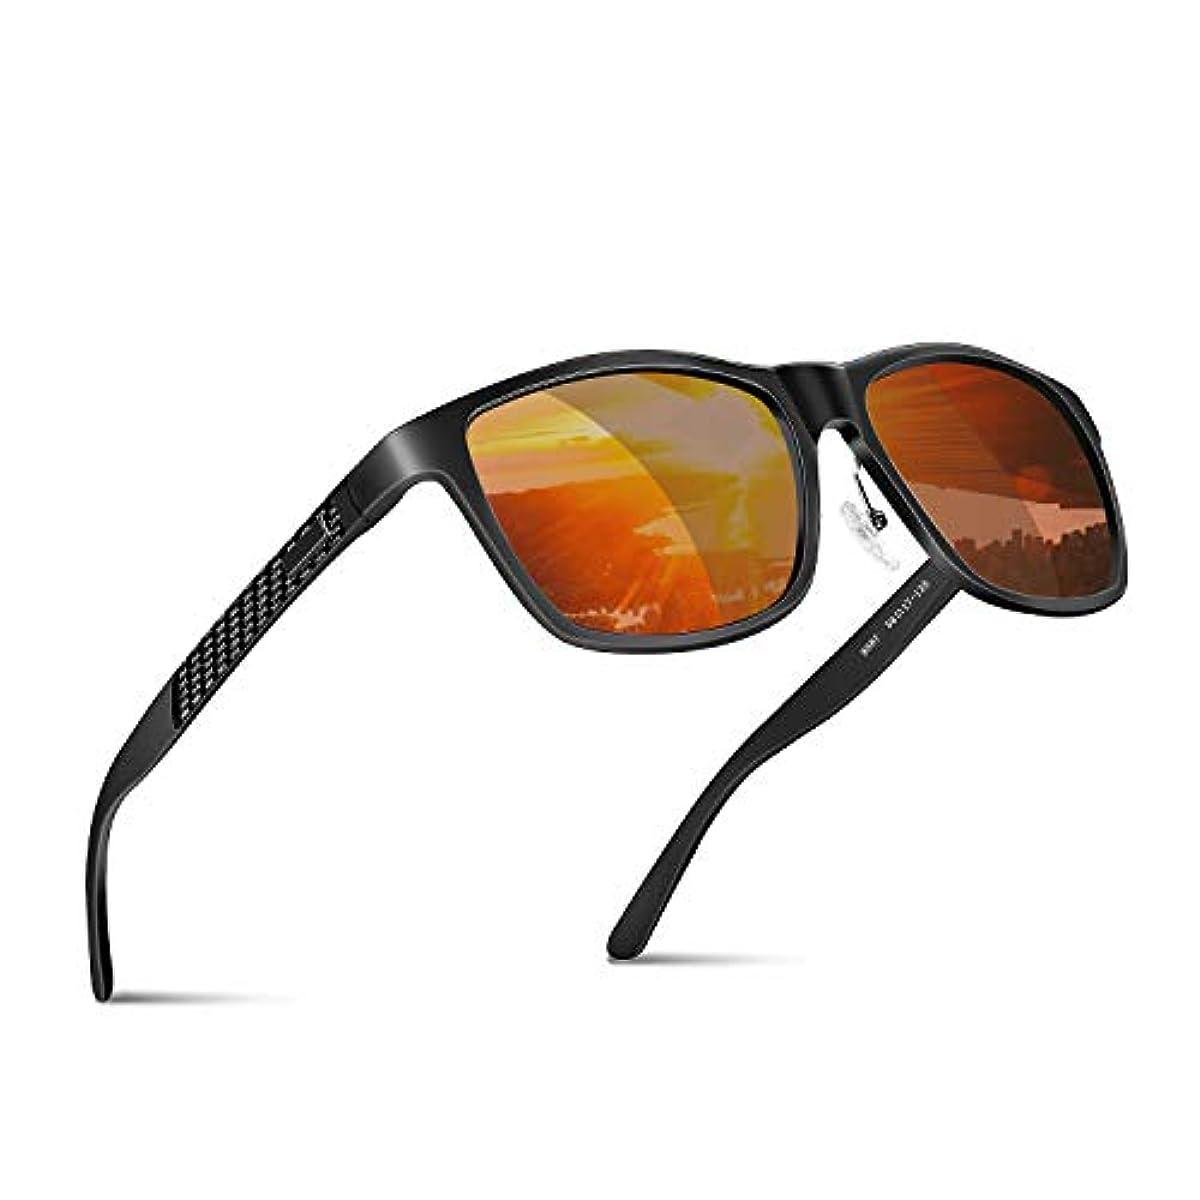 [해외] 편광 썬글라스 웰링톤 편향 렌즈 낚시 런닝 드라이어이브 스포츠 운동 아웃도어 경량 UV400 자외선 컷 유니 파우치 세트 JBHOO